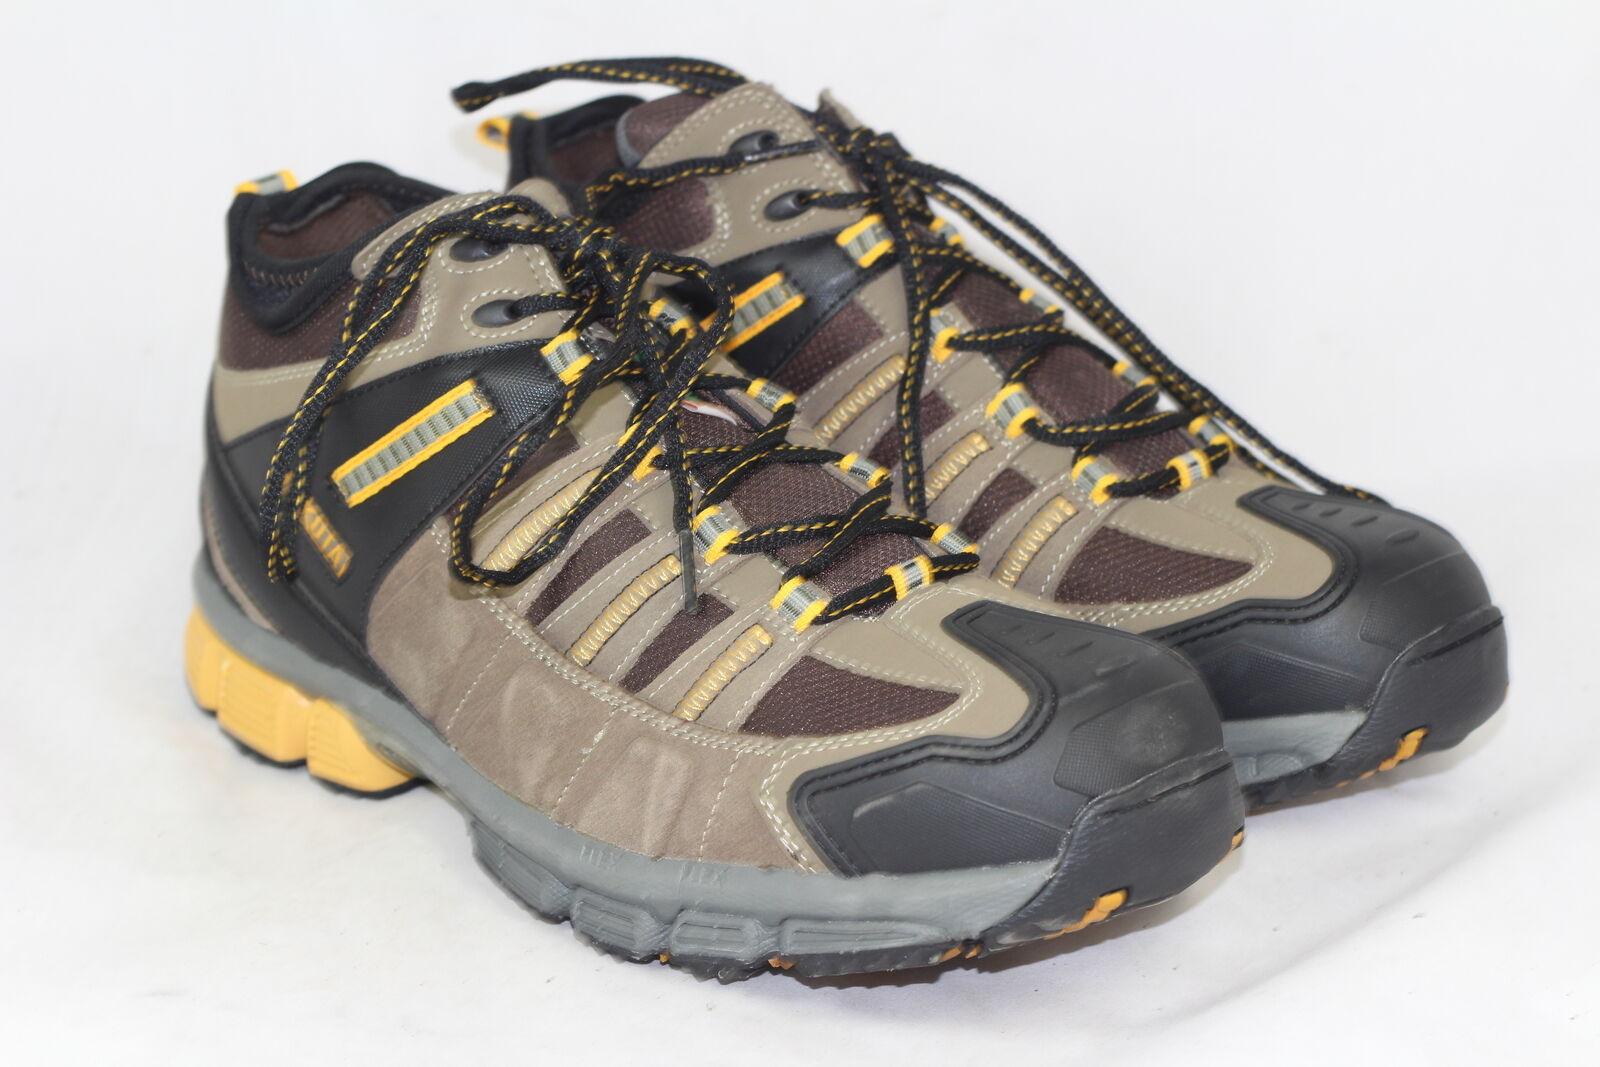 Dakota ATCP Mid Cut Light Weight Men's Work Boots, UK 10   EU 44.5   11274